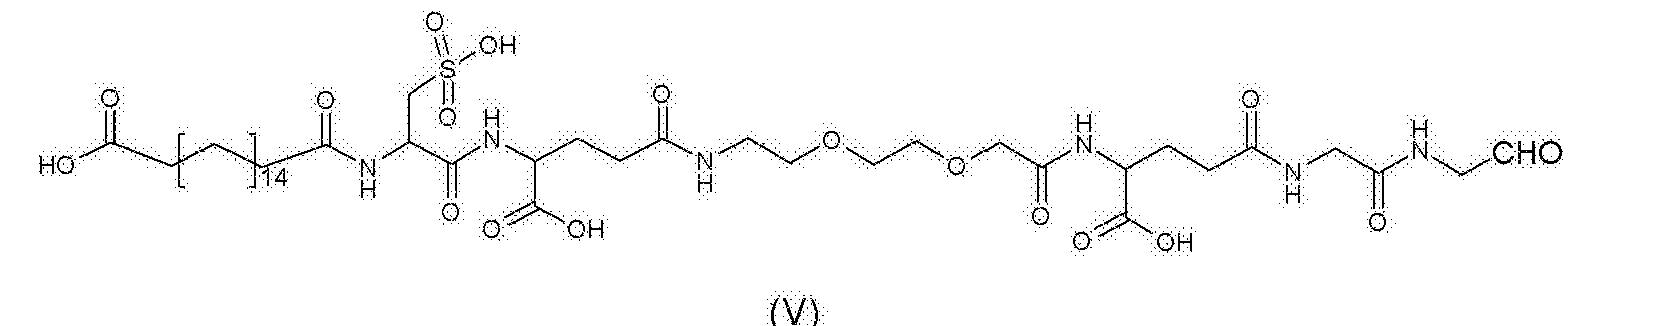 Figure CN103002918BD01153